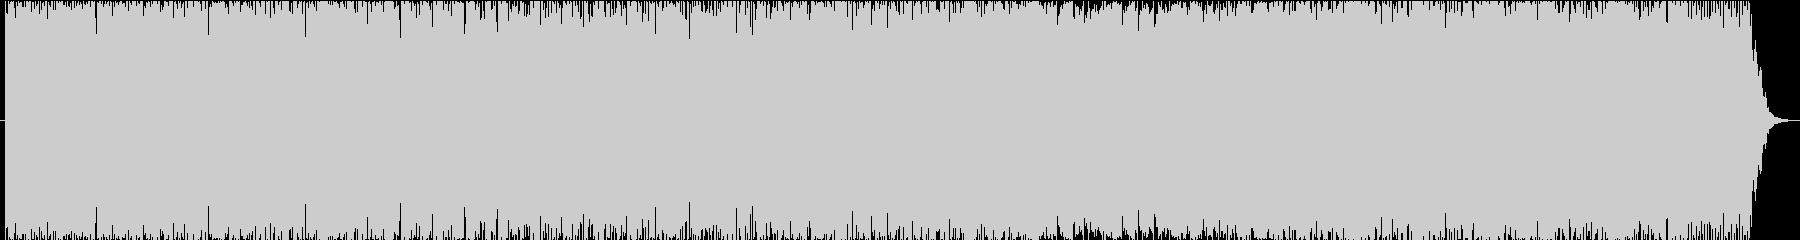 ゆるやかで盛り上がりのあるポップの未再生の波形